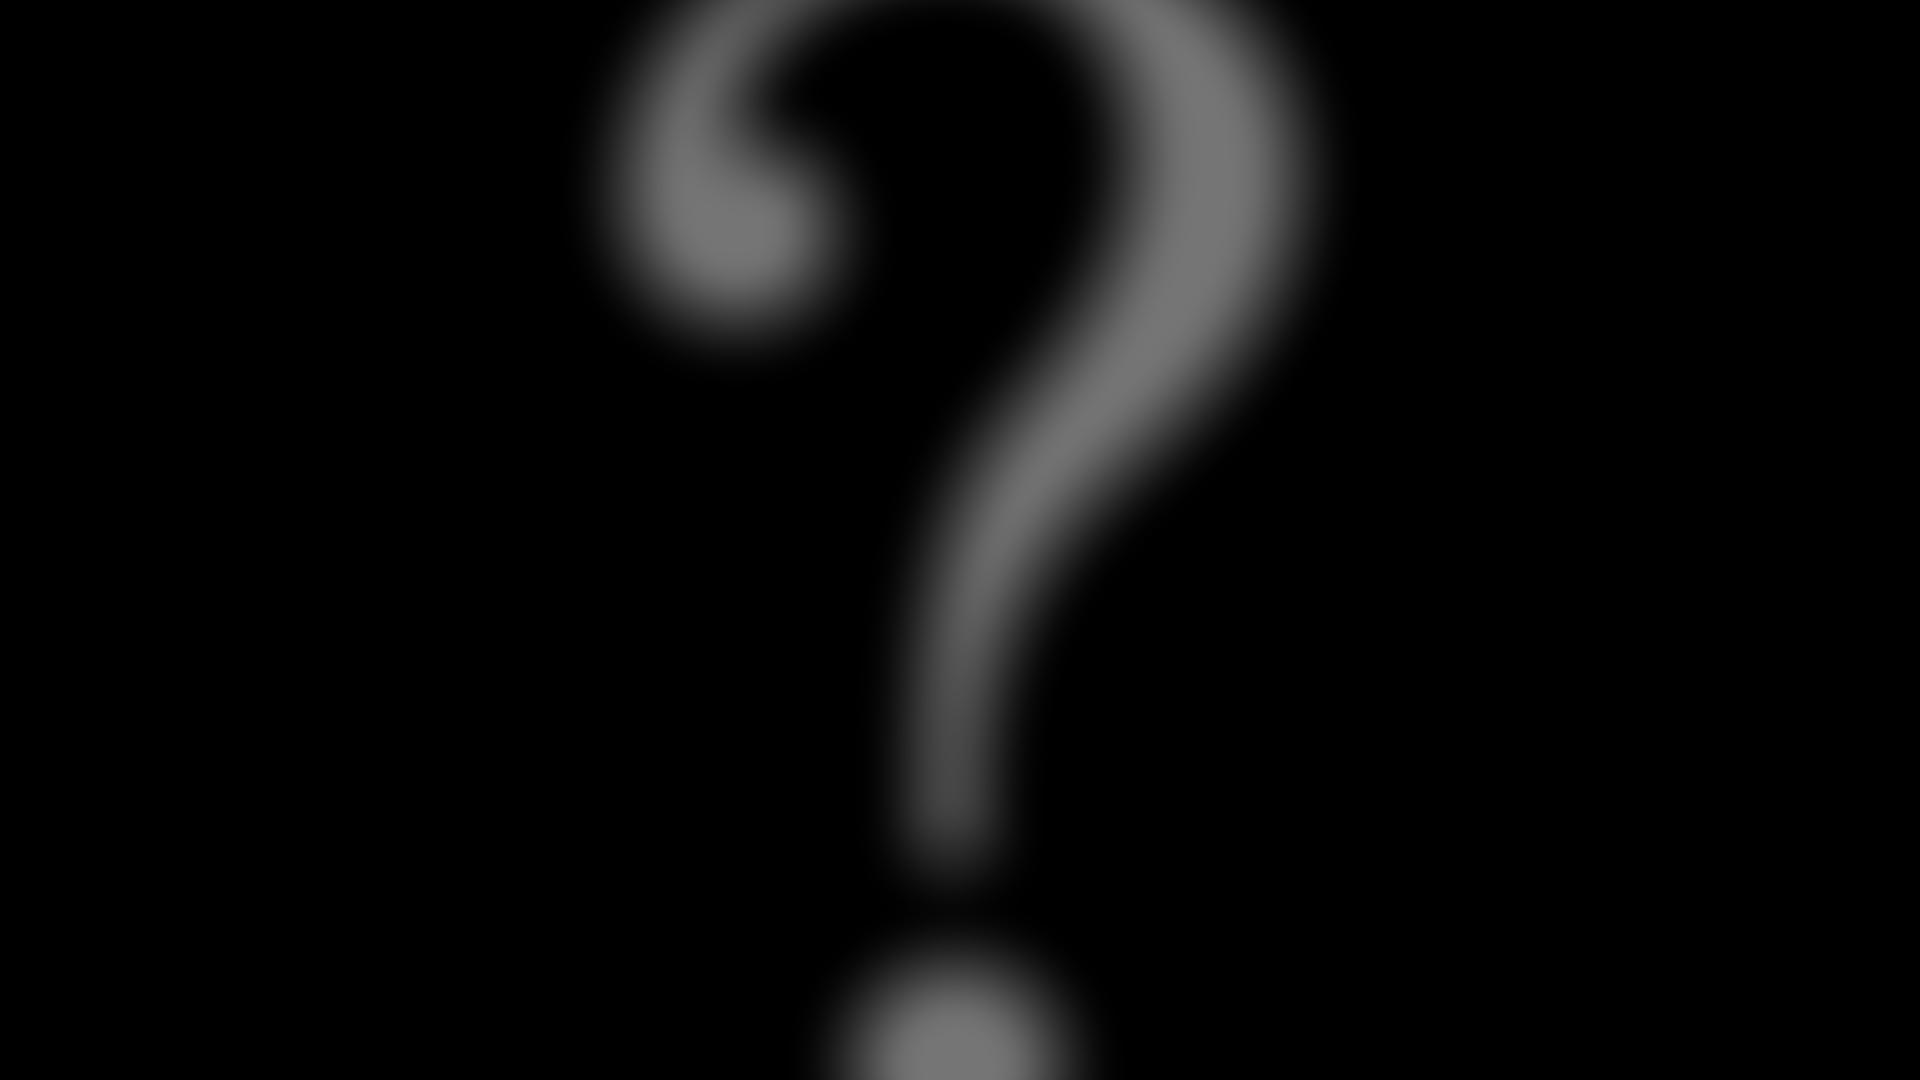 謎のオカルトホラー新プロジェクト「?(仮)」が6月5日始動?公開される動画は異例の深夜帯のみの限定公開!